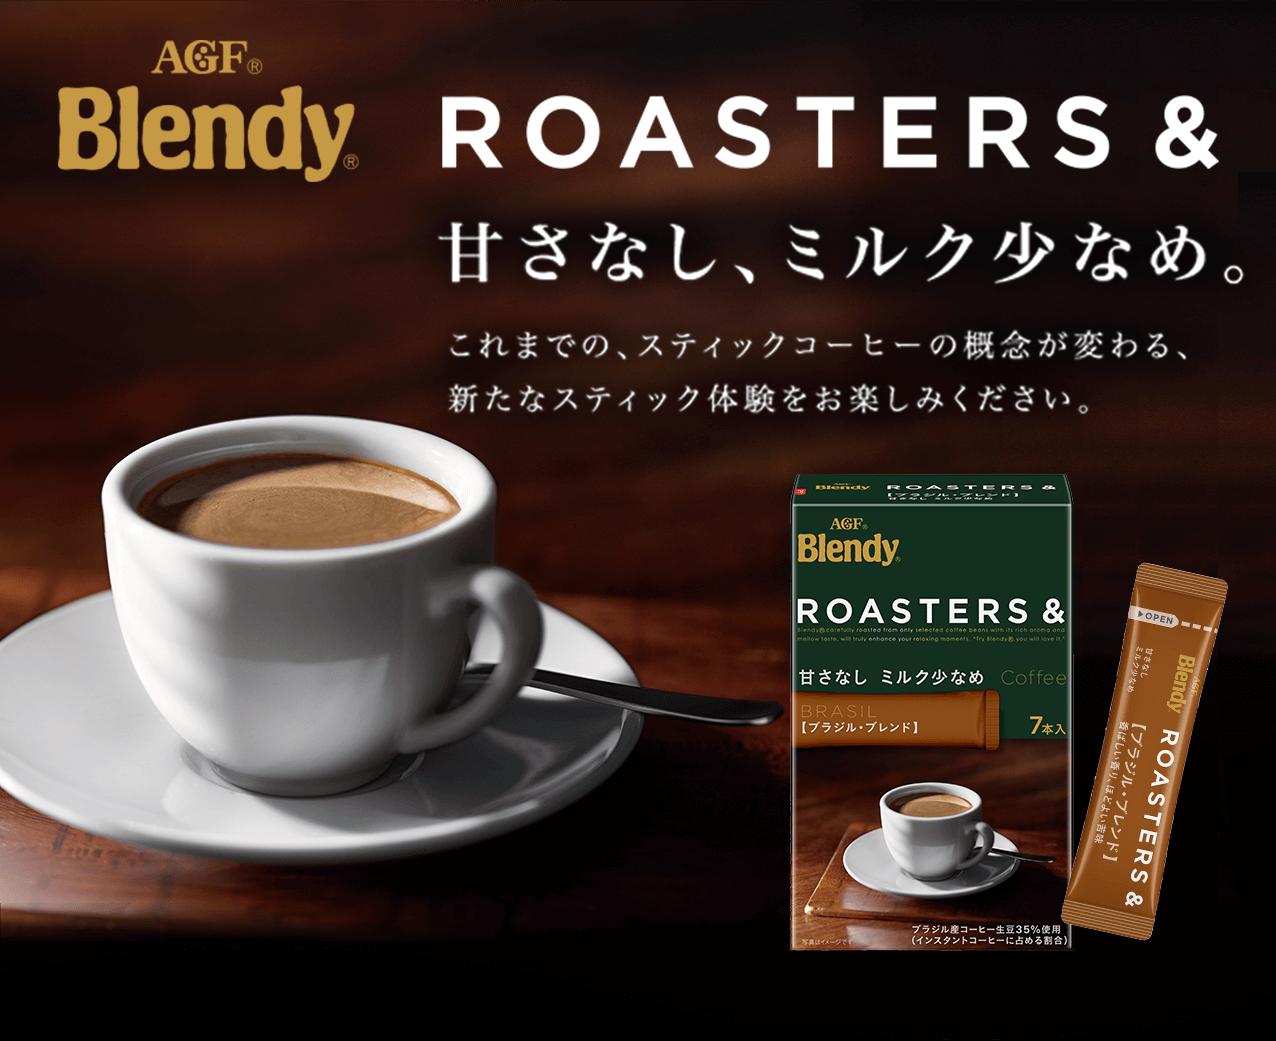 ブレンディ ROASTERS& 【ブラジル・ブレンド】甘さなし、ミルク少なめ。これまでの、スティックコーヒーの概念が変わる、新たなスティック体験をお楽しみください。